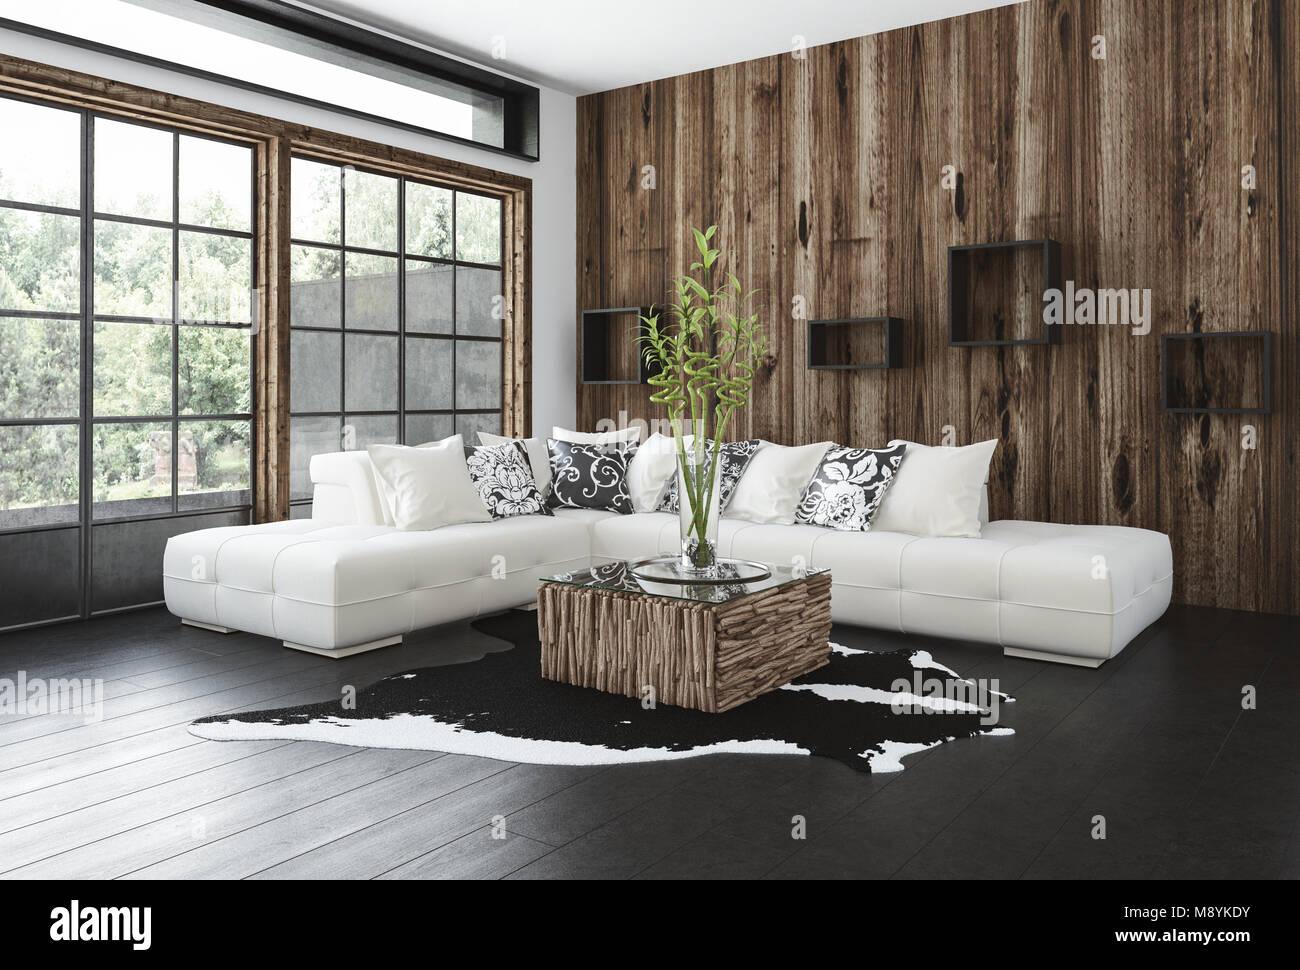 Dimensioni Tappeto Davanti Al Divano rustico ed elegante salotto con boiserie in legno sulla